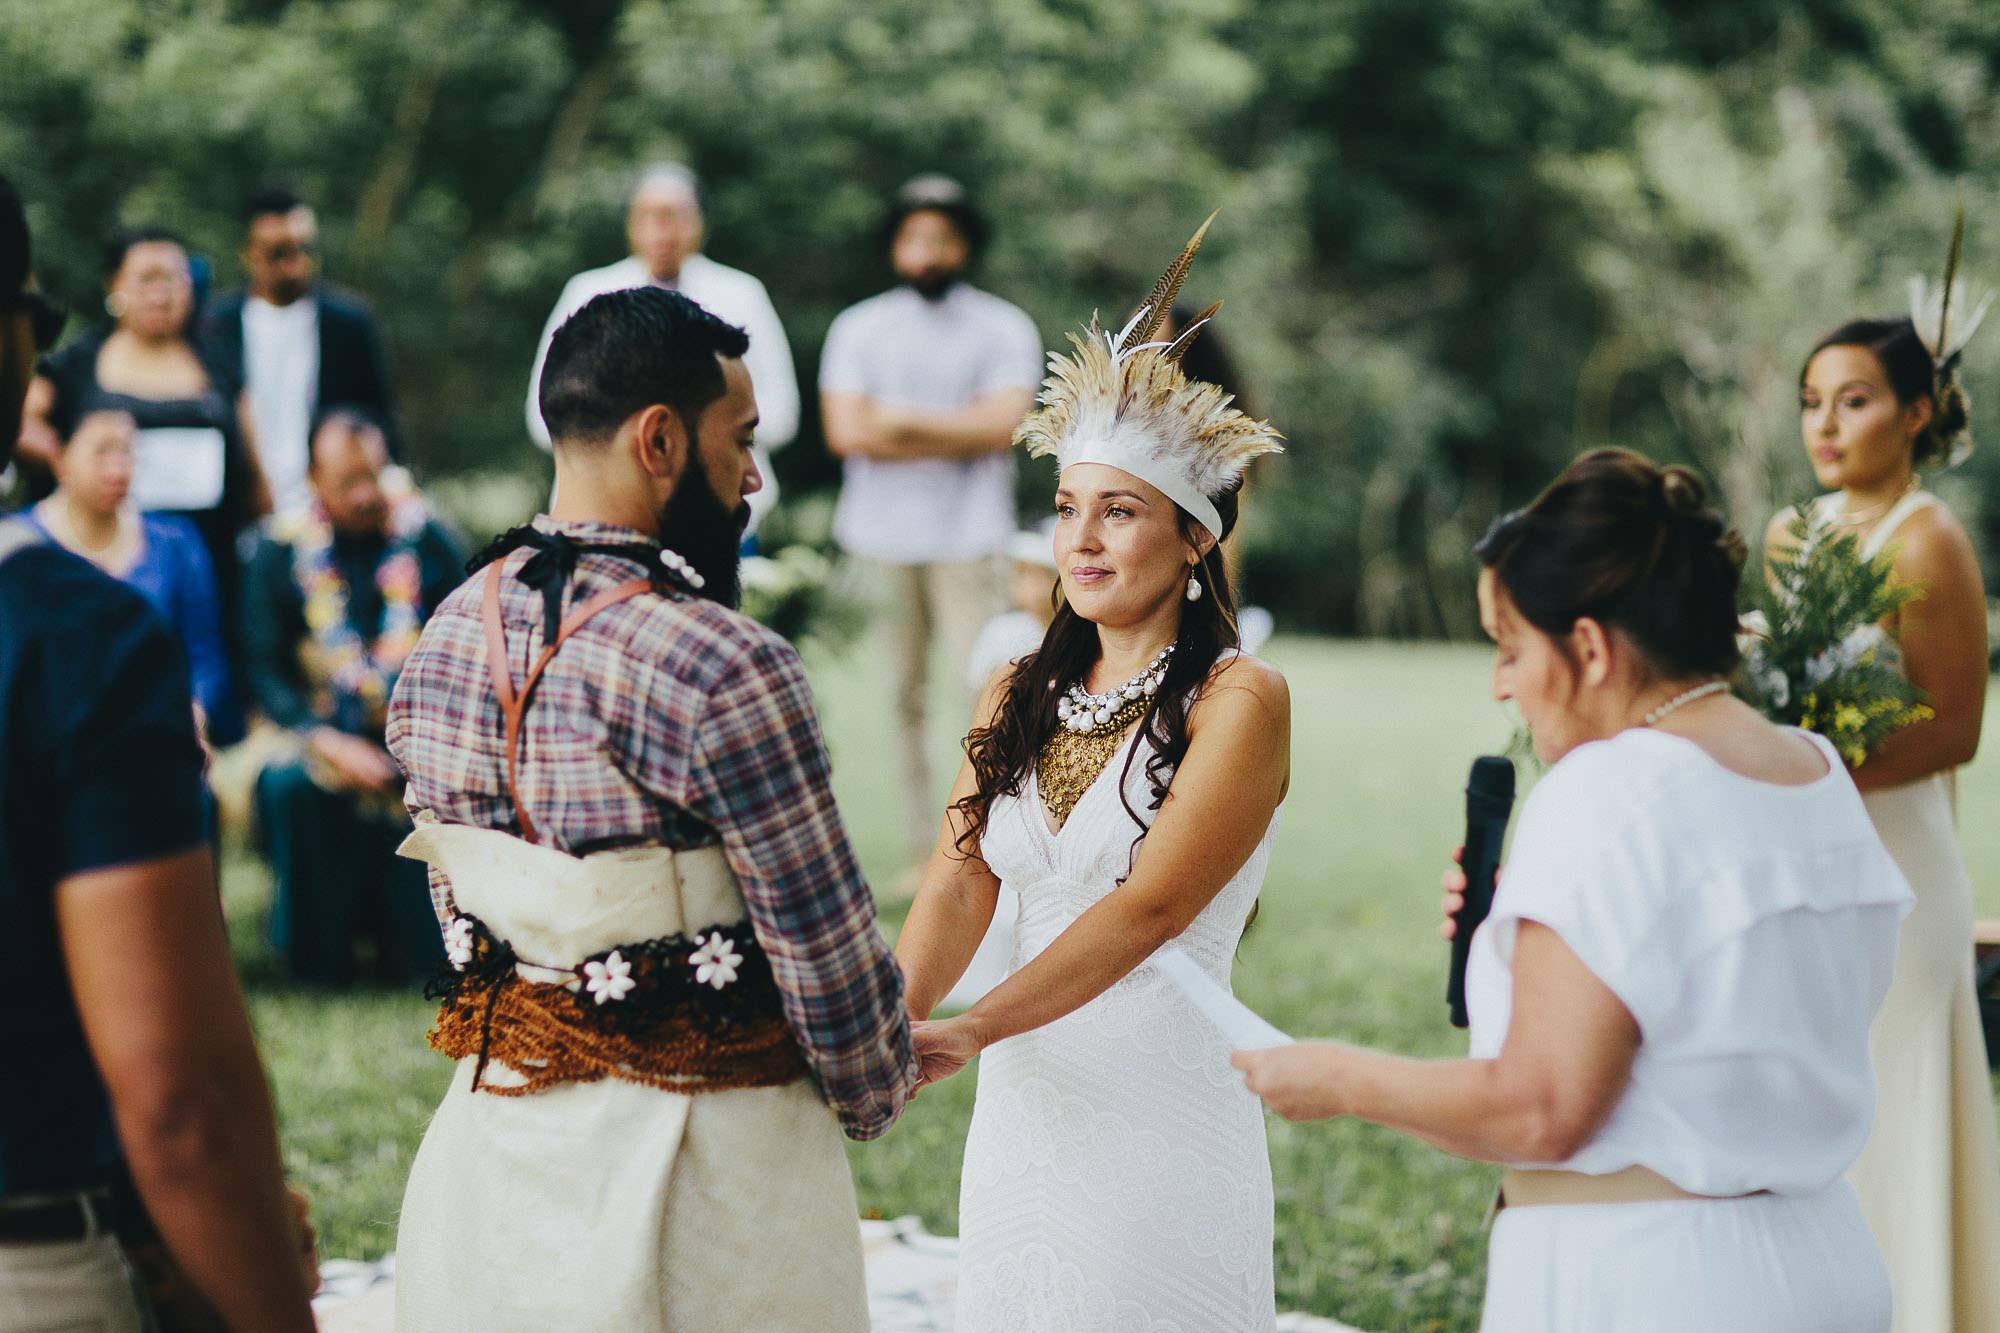 046 finch and oak, wedding photography, gold coast, byron bay.jpg